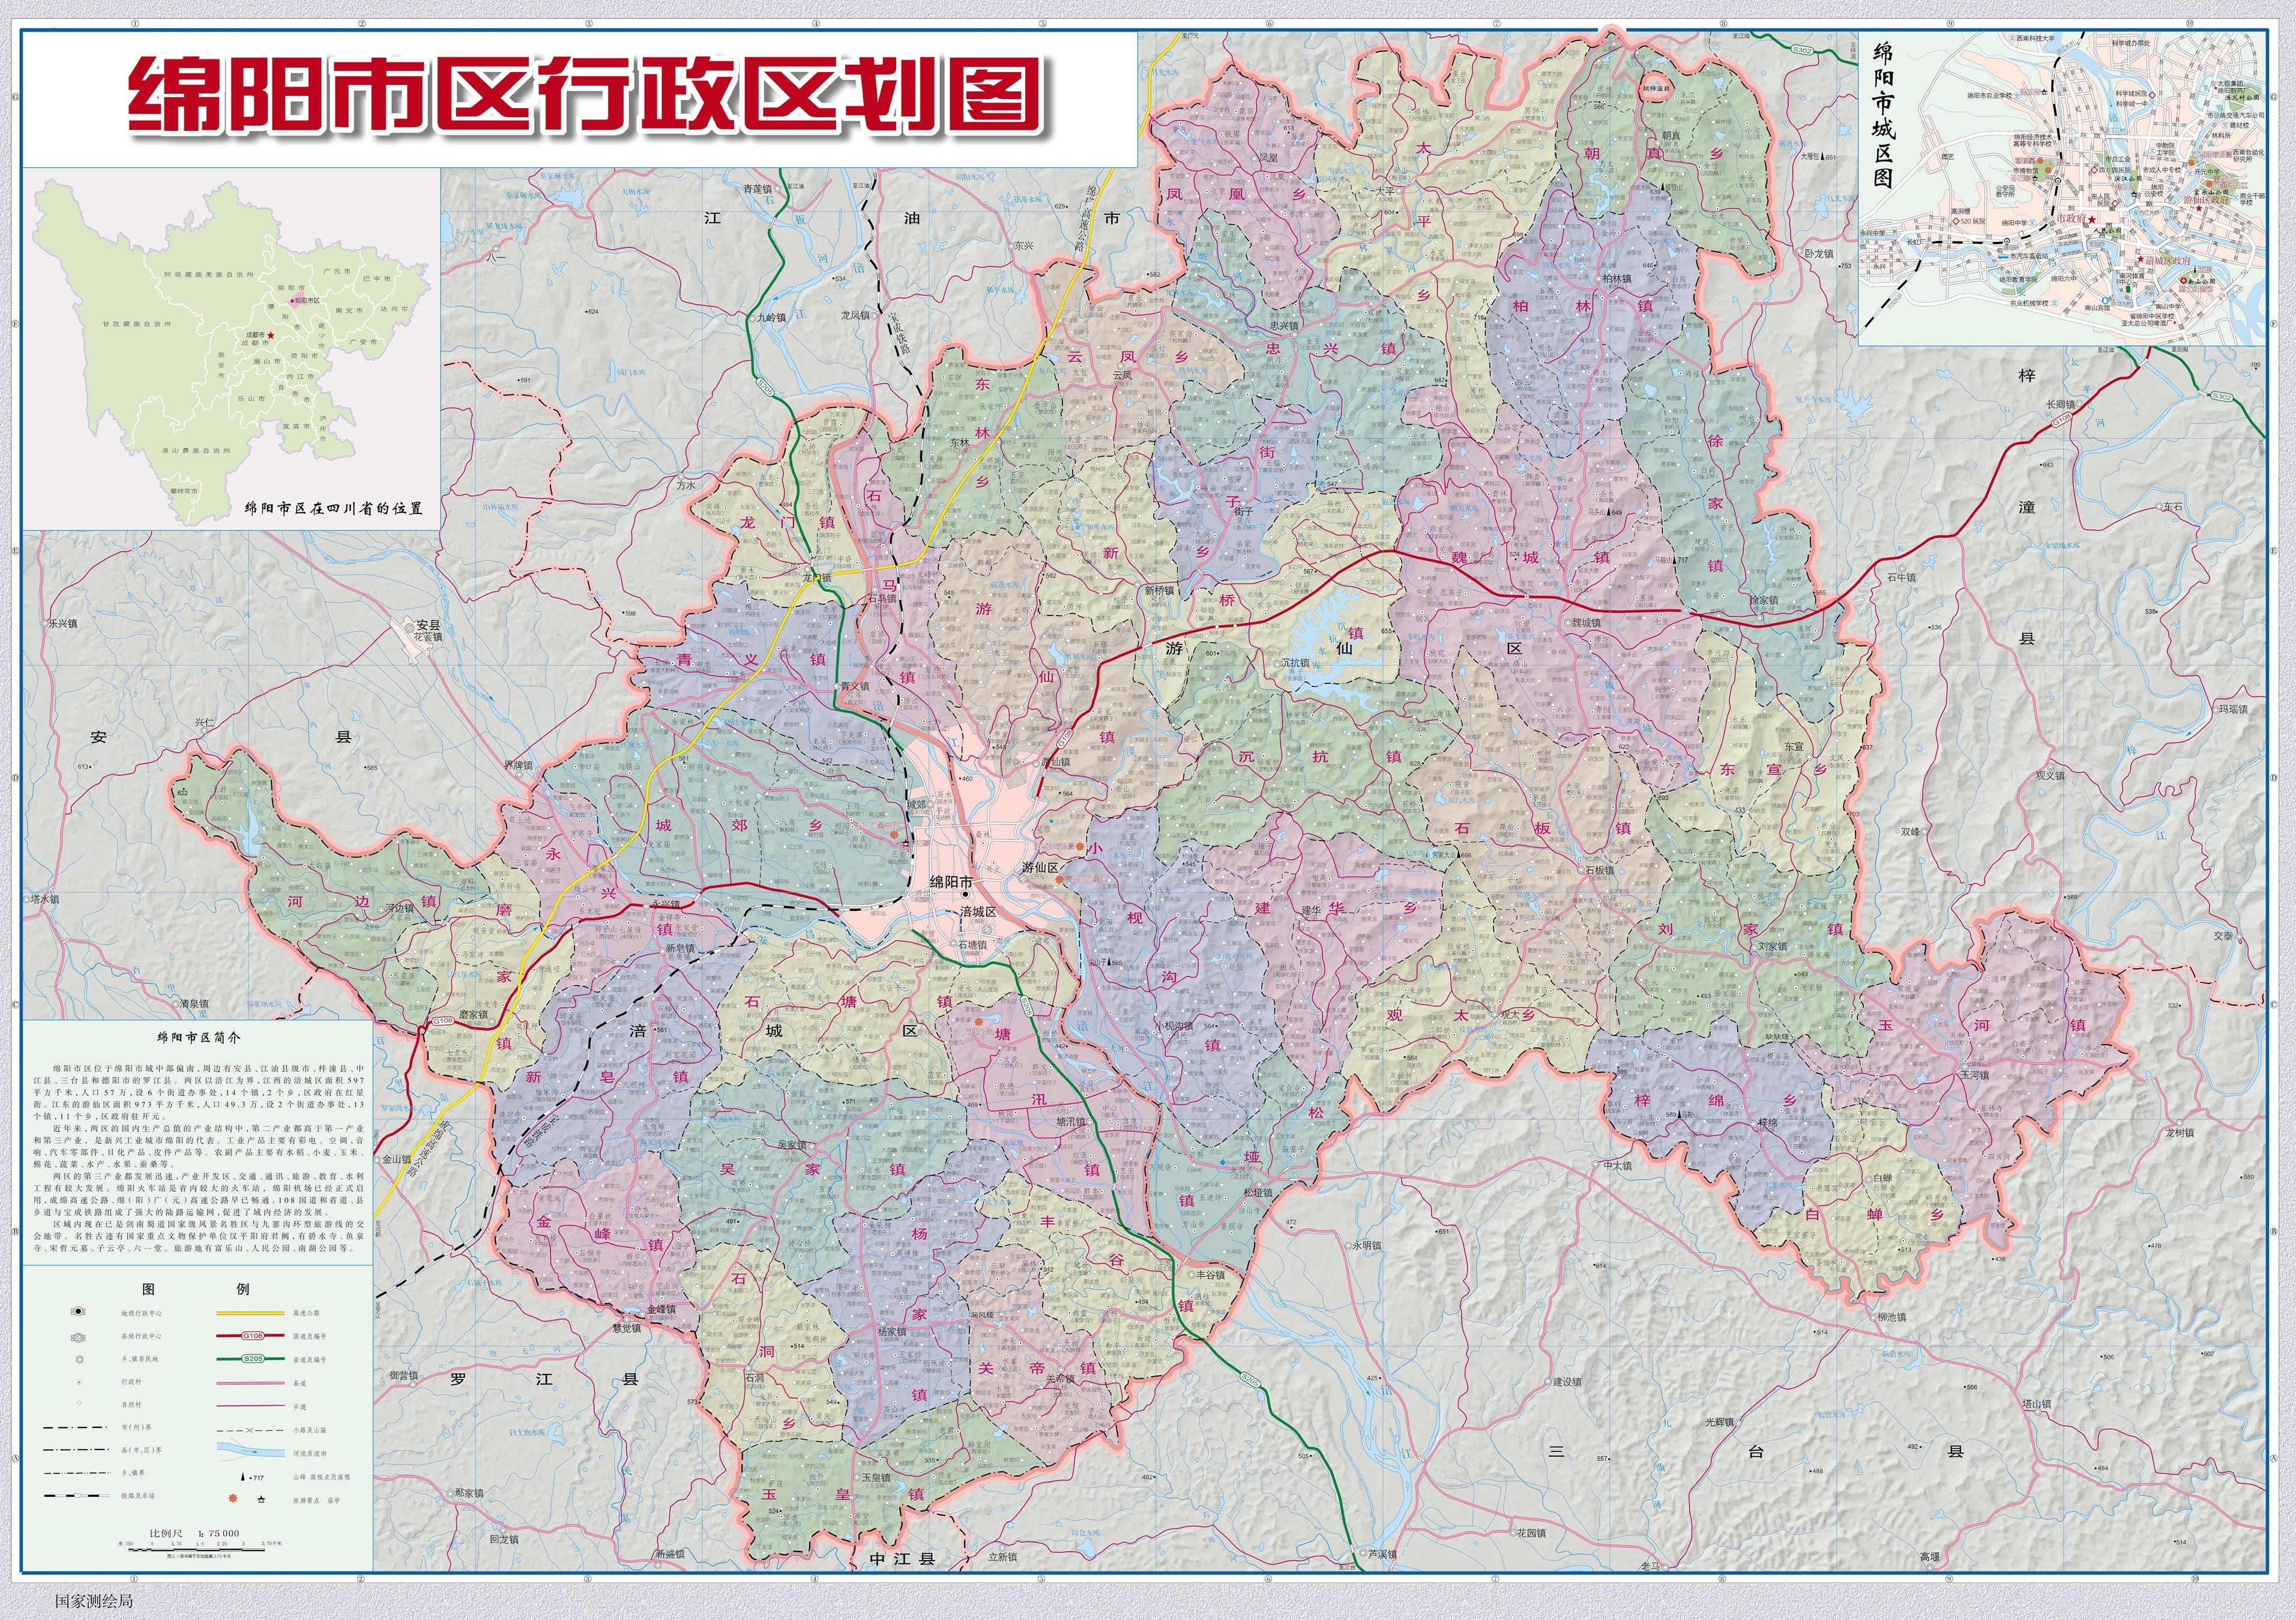 绵阳市行政区划图